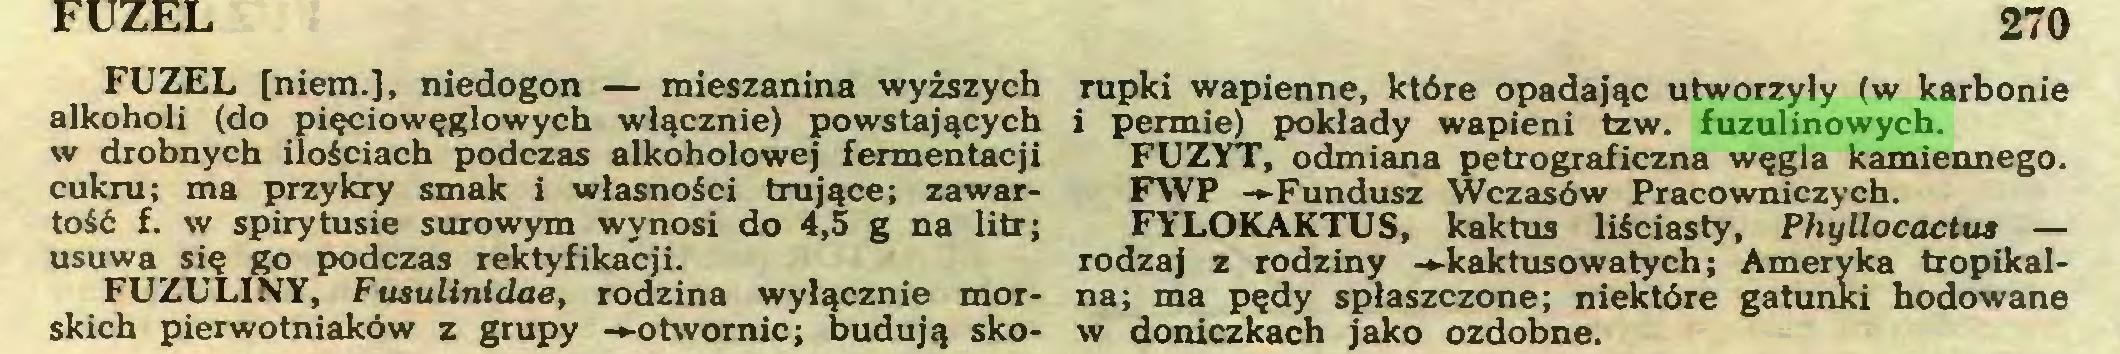 (...) FUZULINY, F usulinidae, rodzina wyłącznie morskich pierwotniaków z grupy —otwornic; budują sko- 270 rupki wapienne, które opadając utworzyły (w karbonie i permie) pokłady wapieni tzw. fuzulinowych...